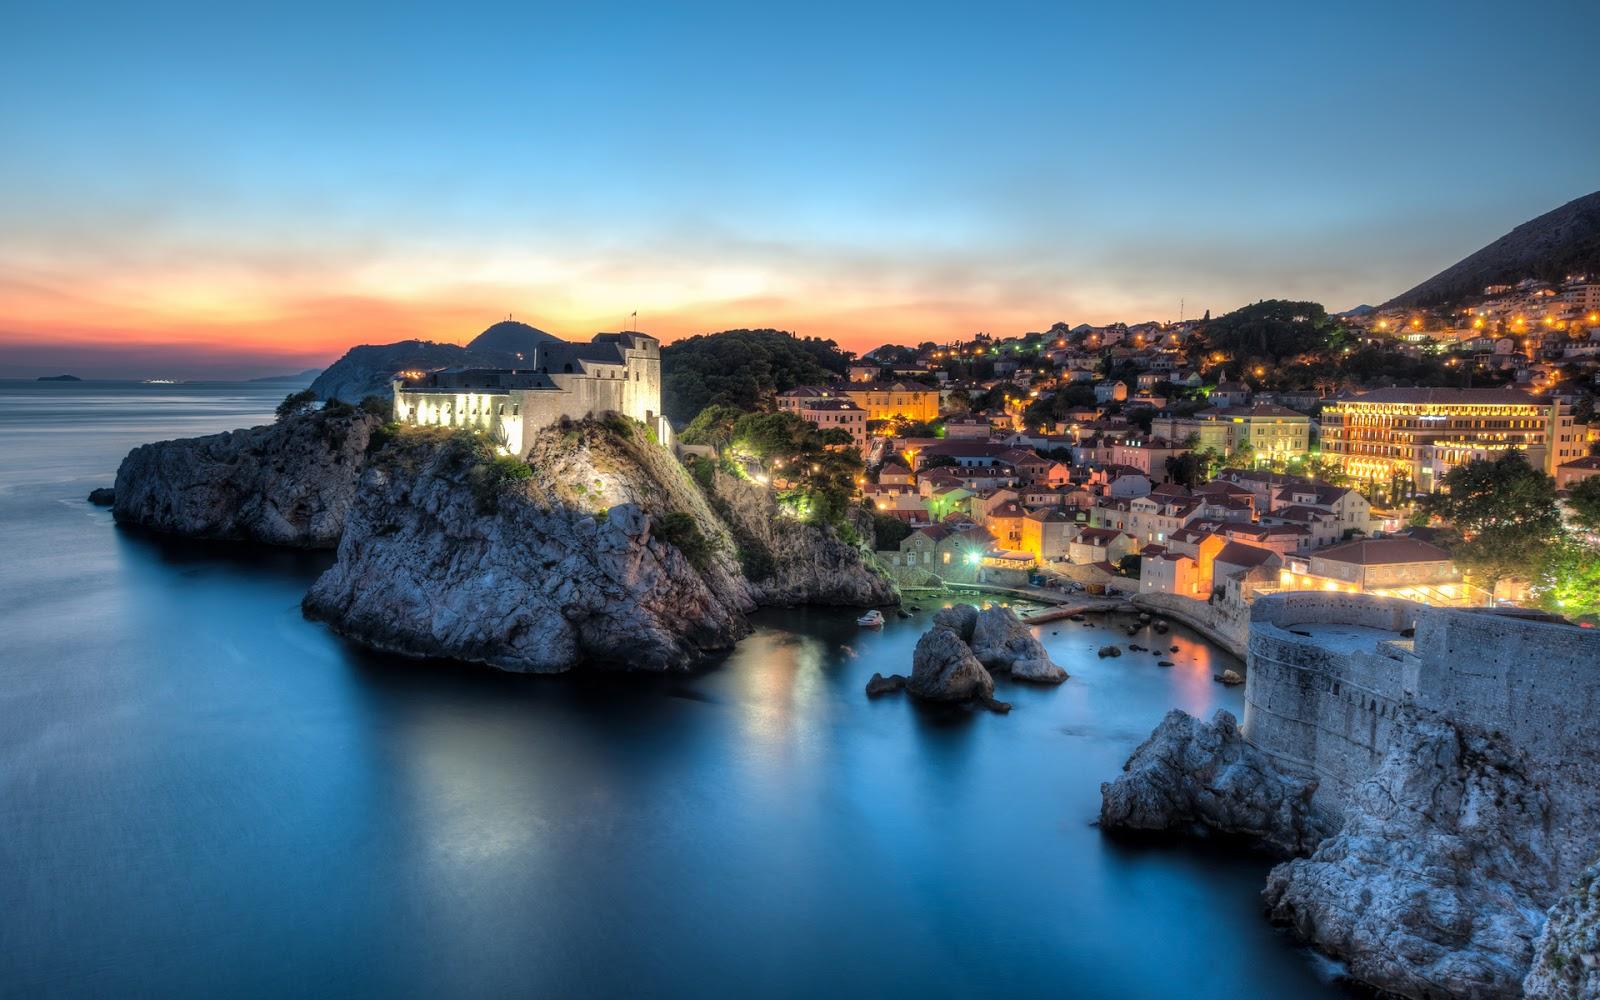 Immobili in Croazia. Un sogno che può diventare realtà.